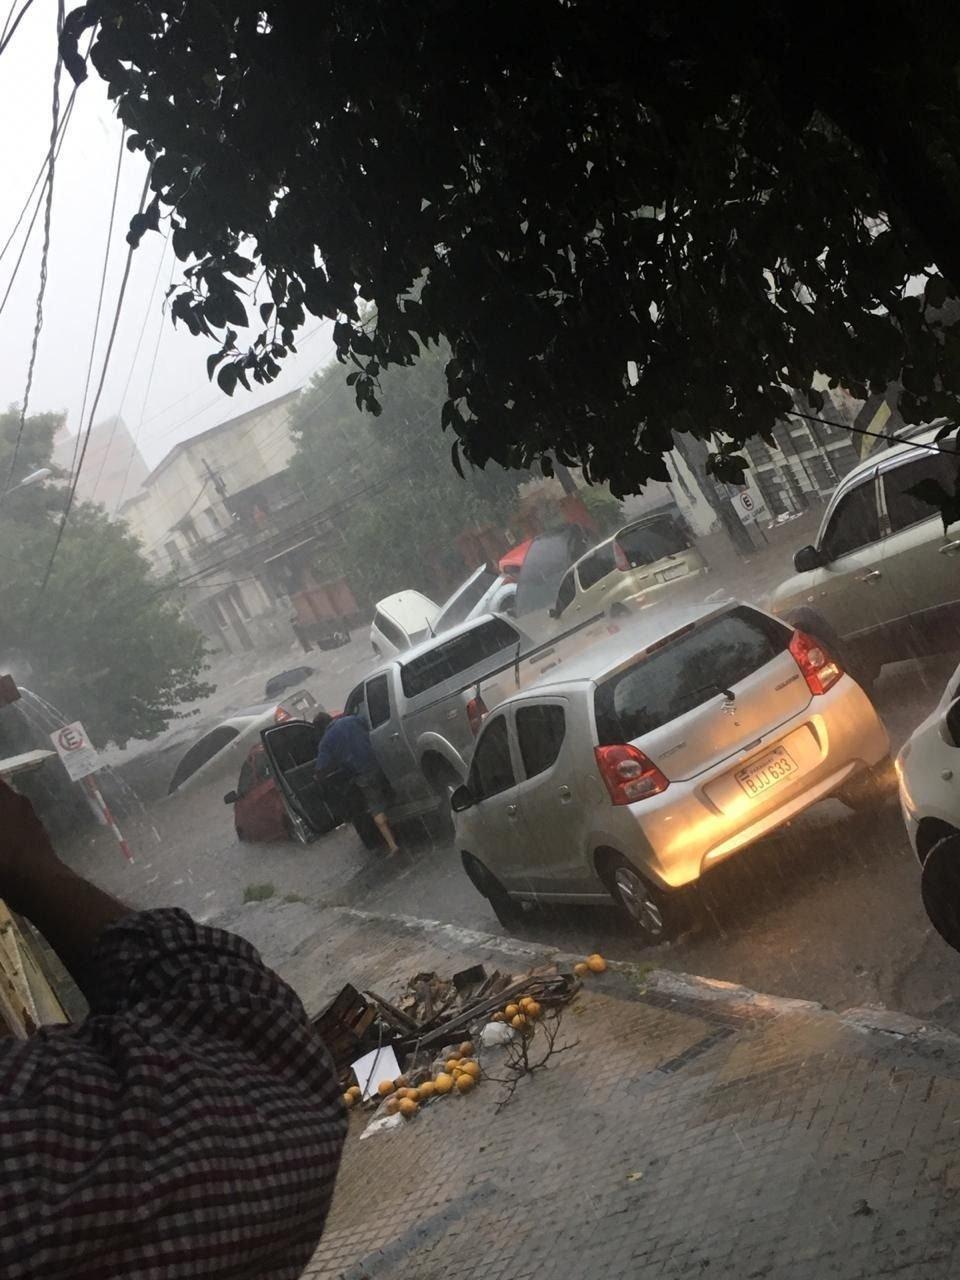 Inundaciones-Paraguay-fotos-videos-autos-2019-